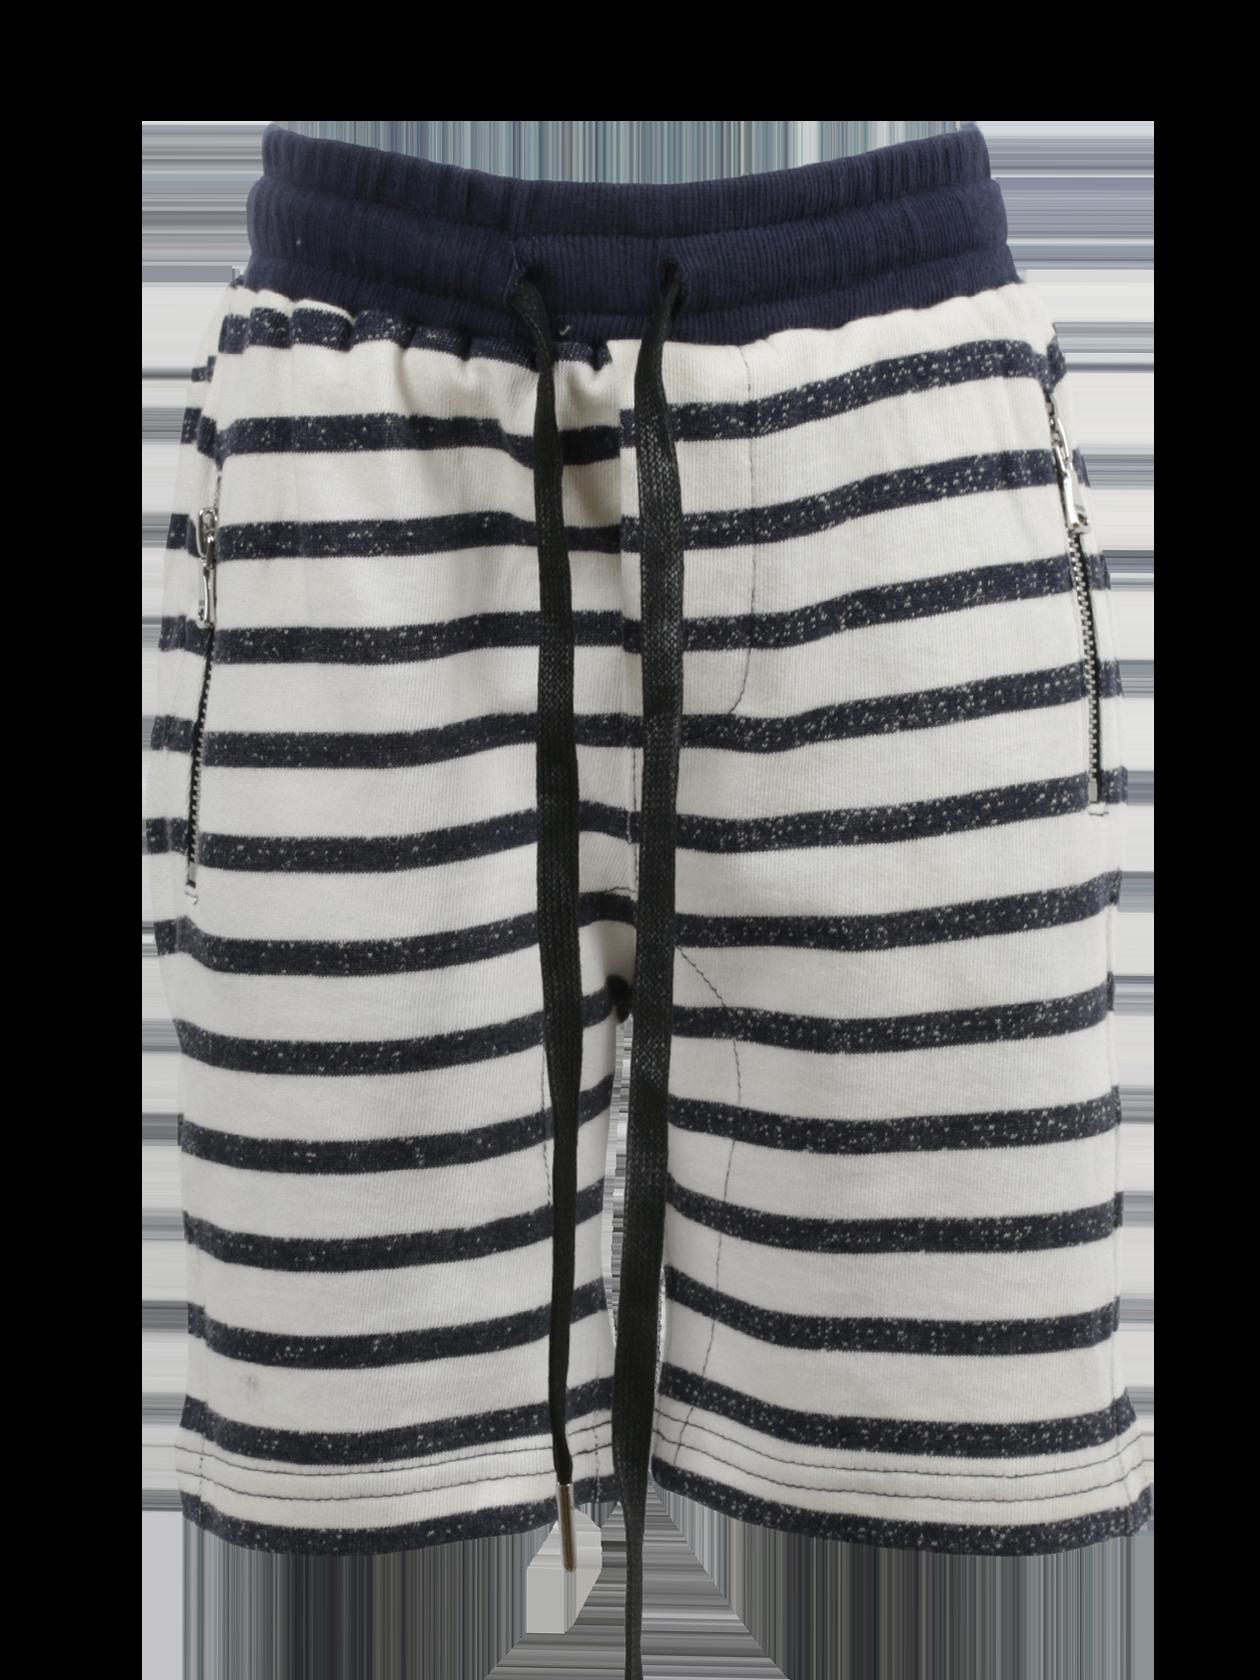 Шорты детские STRIPS KIDSШорты детские Strips Kids от бренда Black Star Wear – отличное дополнение гардероба активного ребенка. Модель традиционного прямого кроя, свободного силуэта, длиной чуть выше колена. Универсальная полосатая расцветка позволит комбинировать вещь с любой одеждой и обувью. Для удобной посадки изделия на поясе оформлена широкая резинка с завязками. Внутренние боковые карманы дополнены застежкой на молнии. Материал изготовления детских шорт – элитный натуральный хлопок, обеспечивающий максимальный комфорт при движении.<br><br>Размер: 4 years<br>Цвет: Синий/Белый<br>Пол: Унисекс